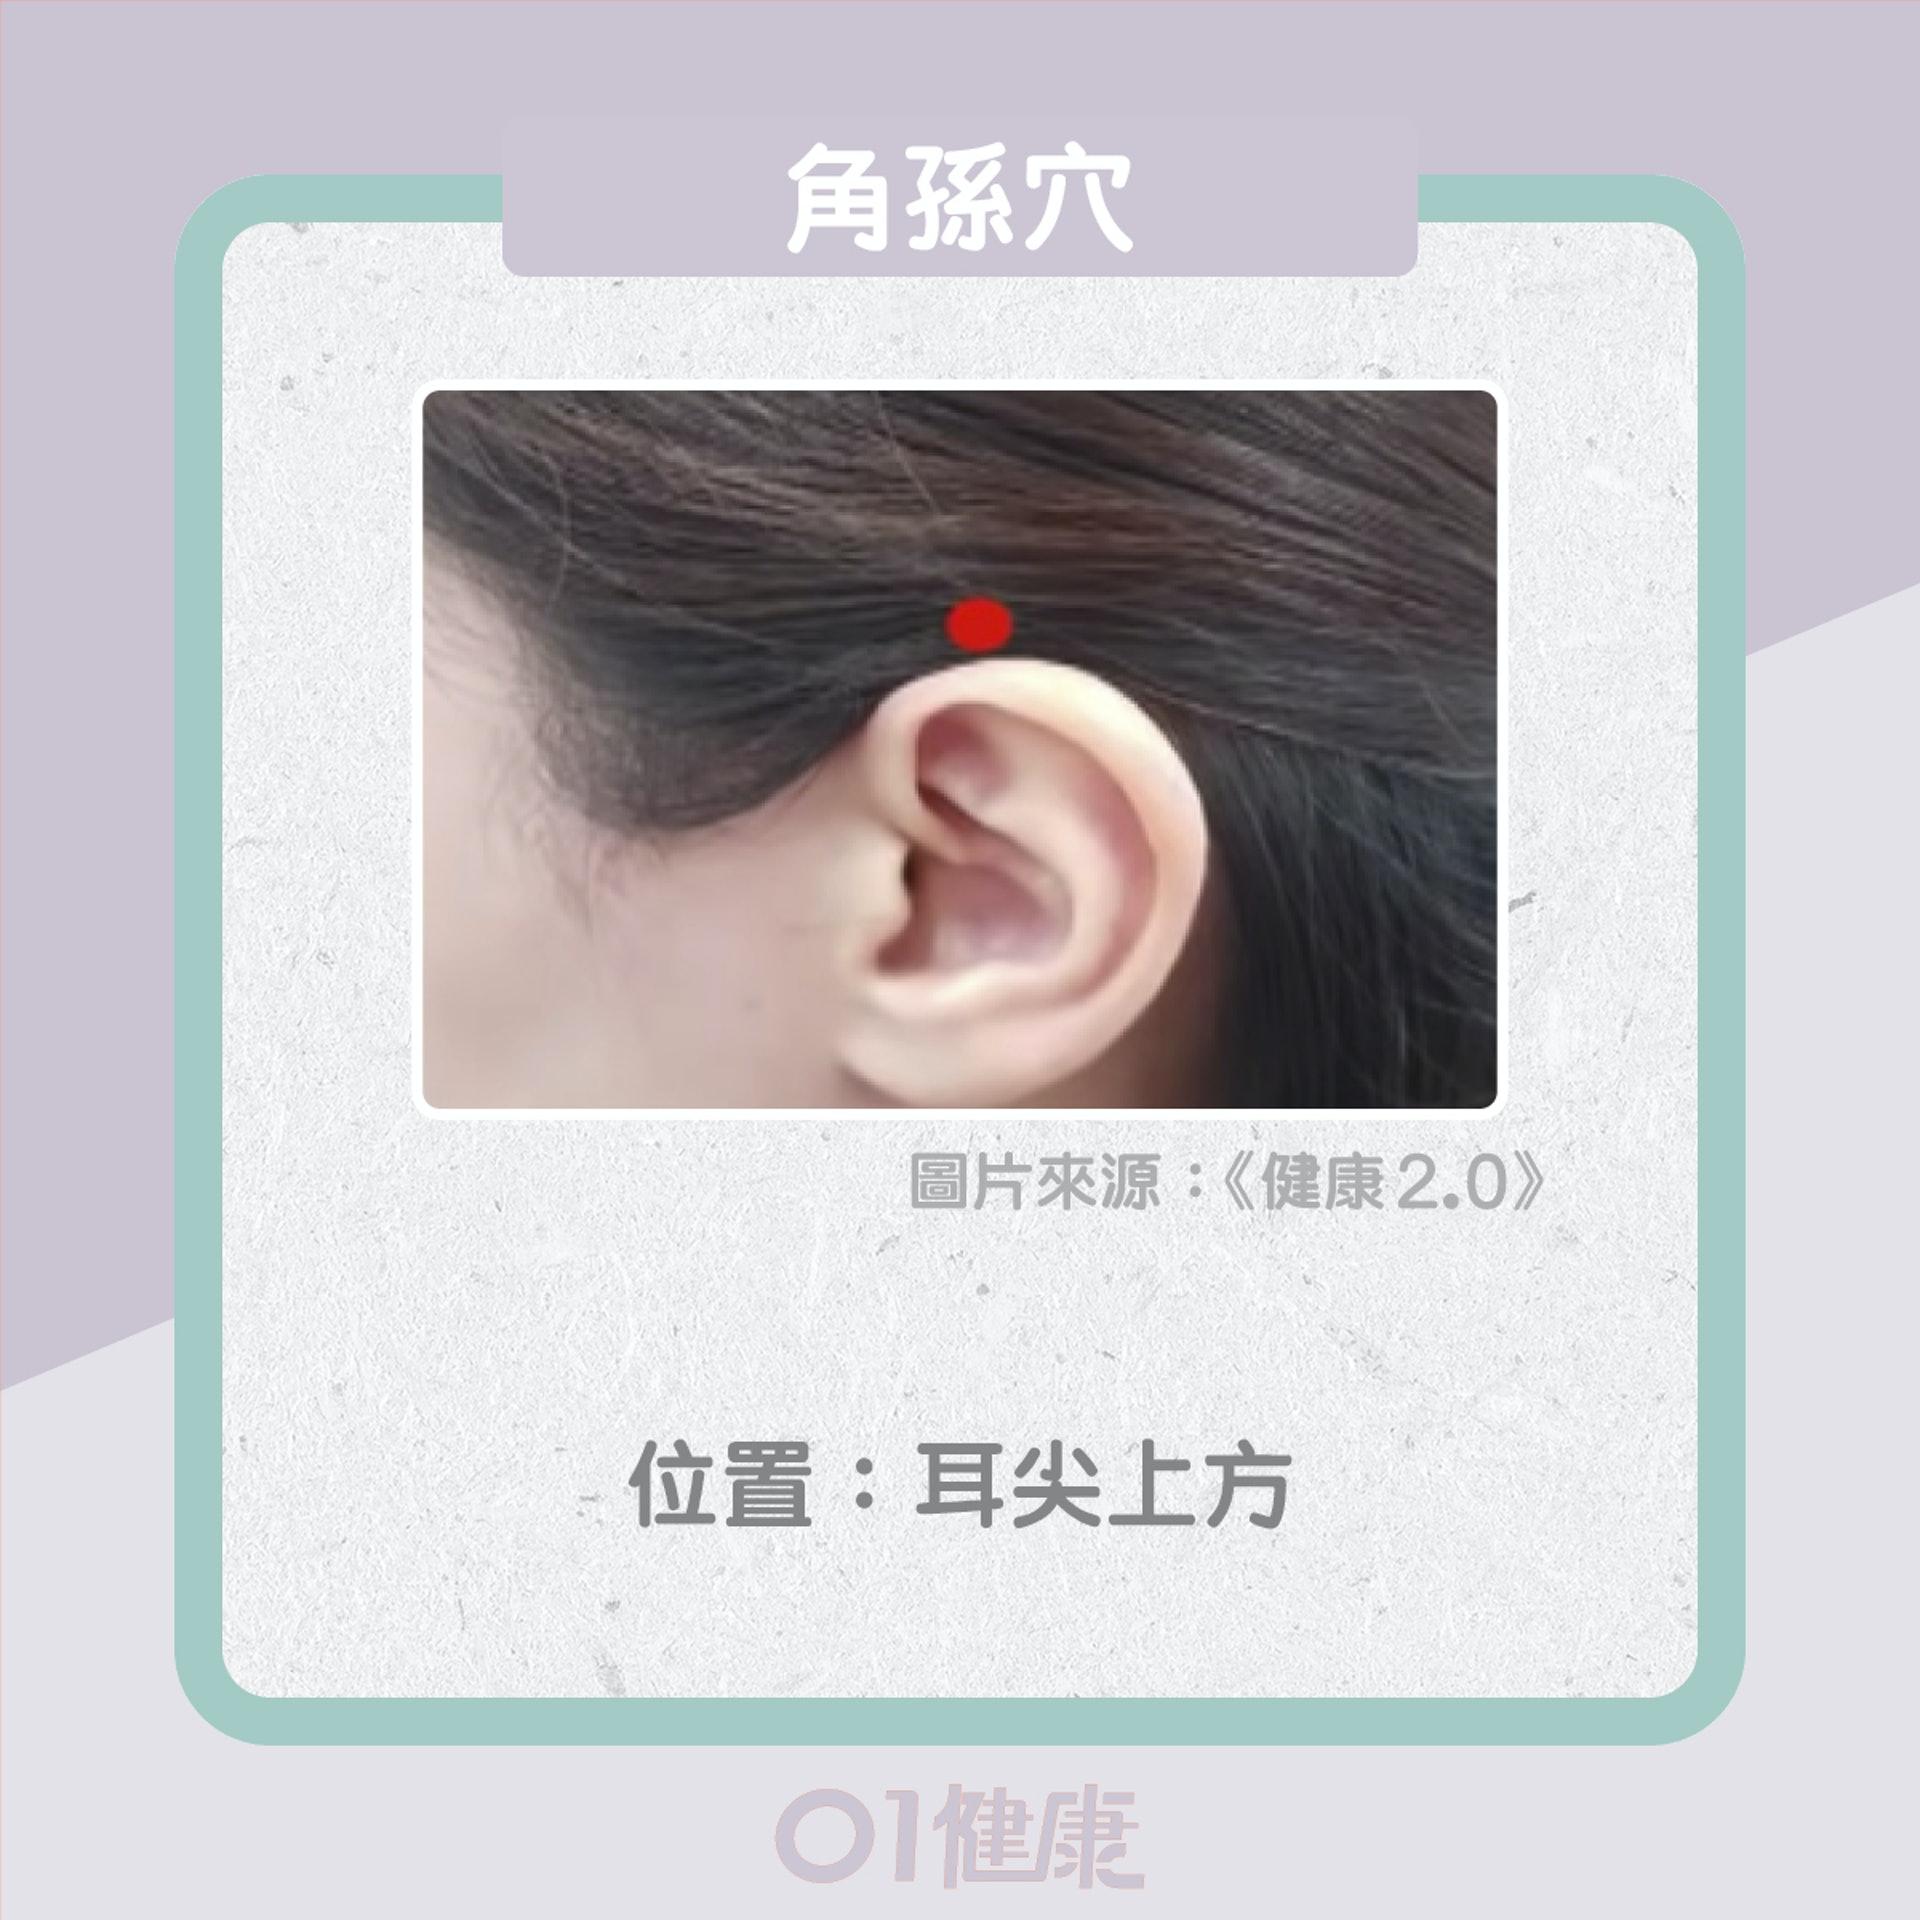 穴位改善白髮(01製圖)